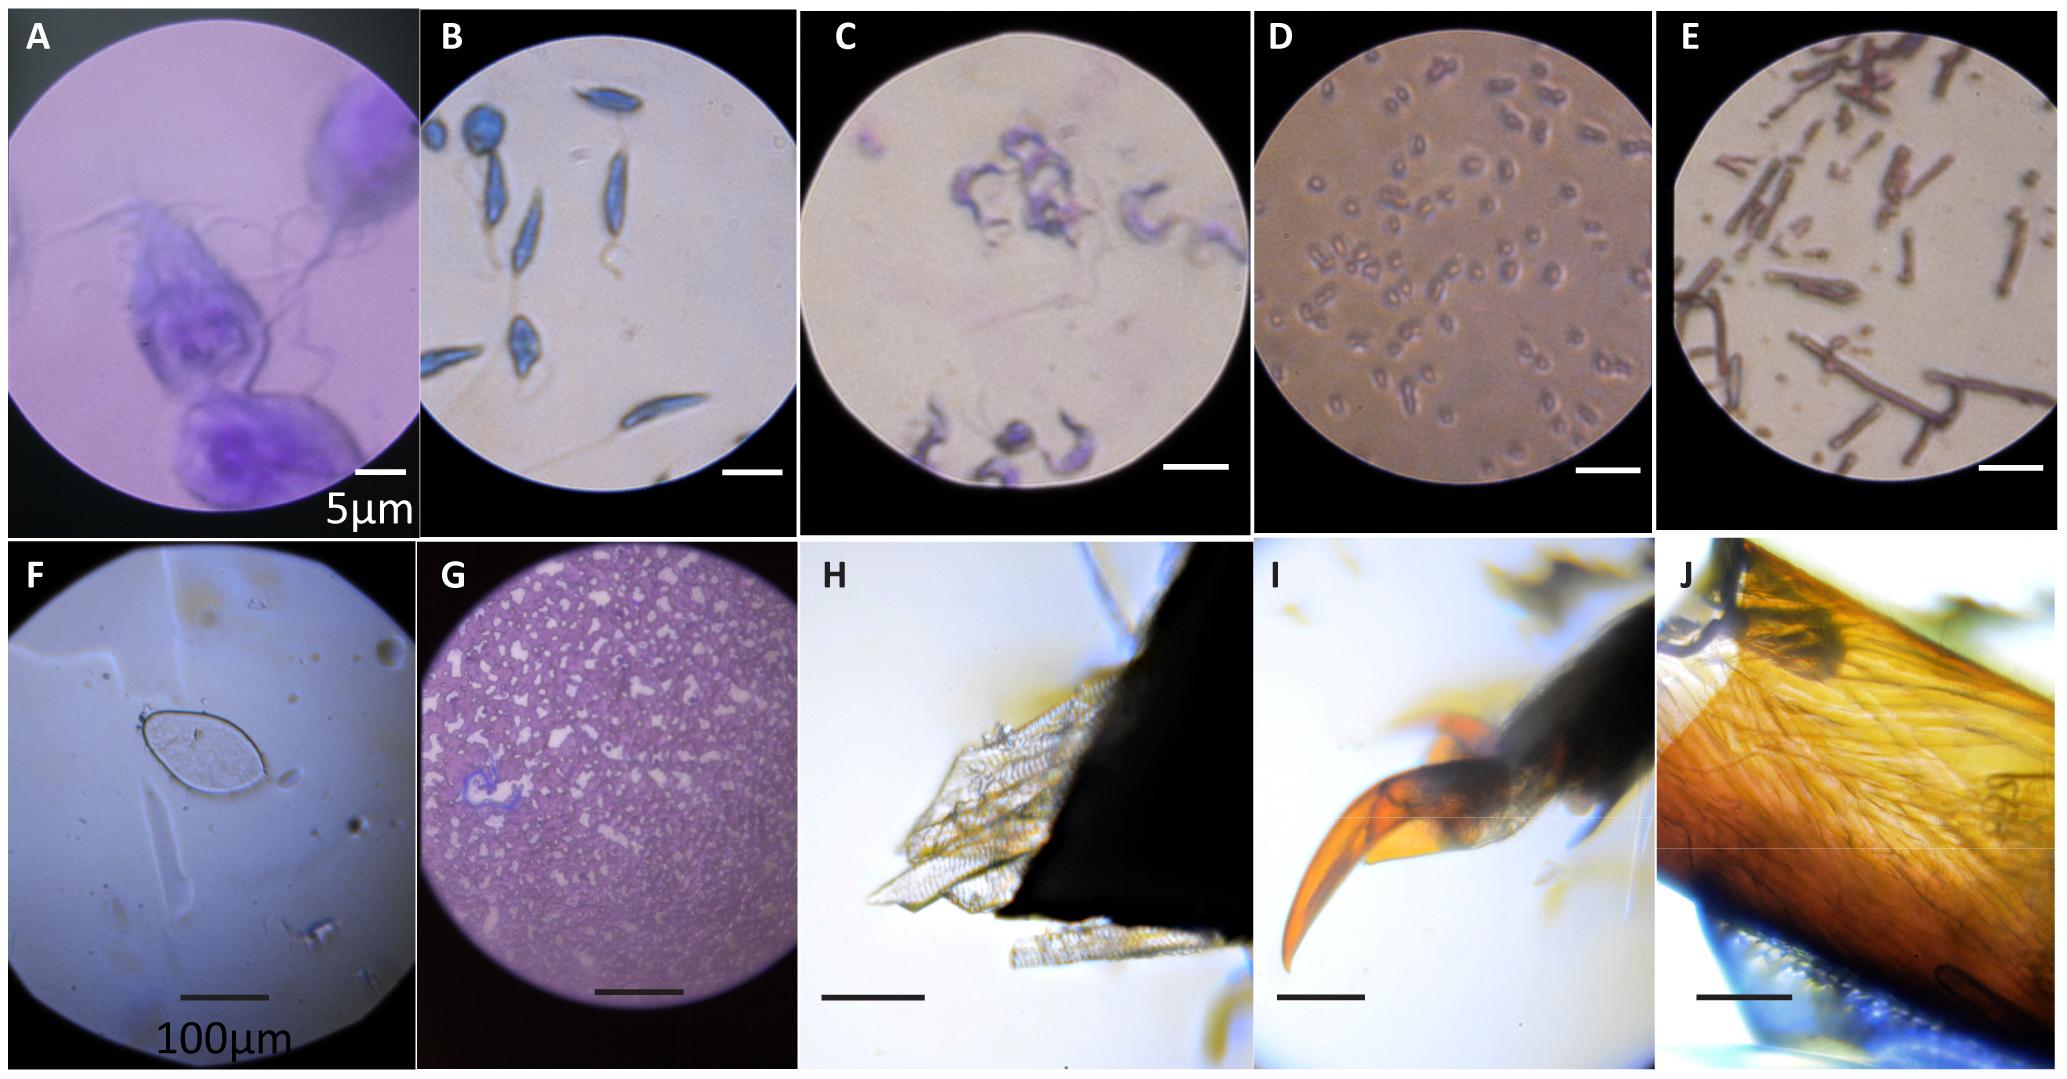 Foldscope images (Cybulski et al./PLOS ONE)